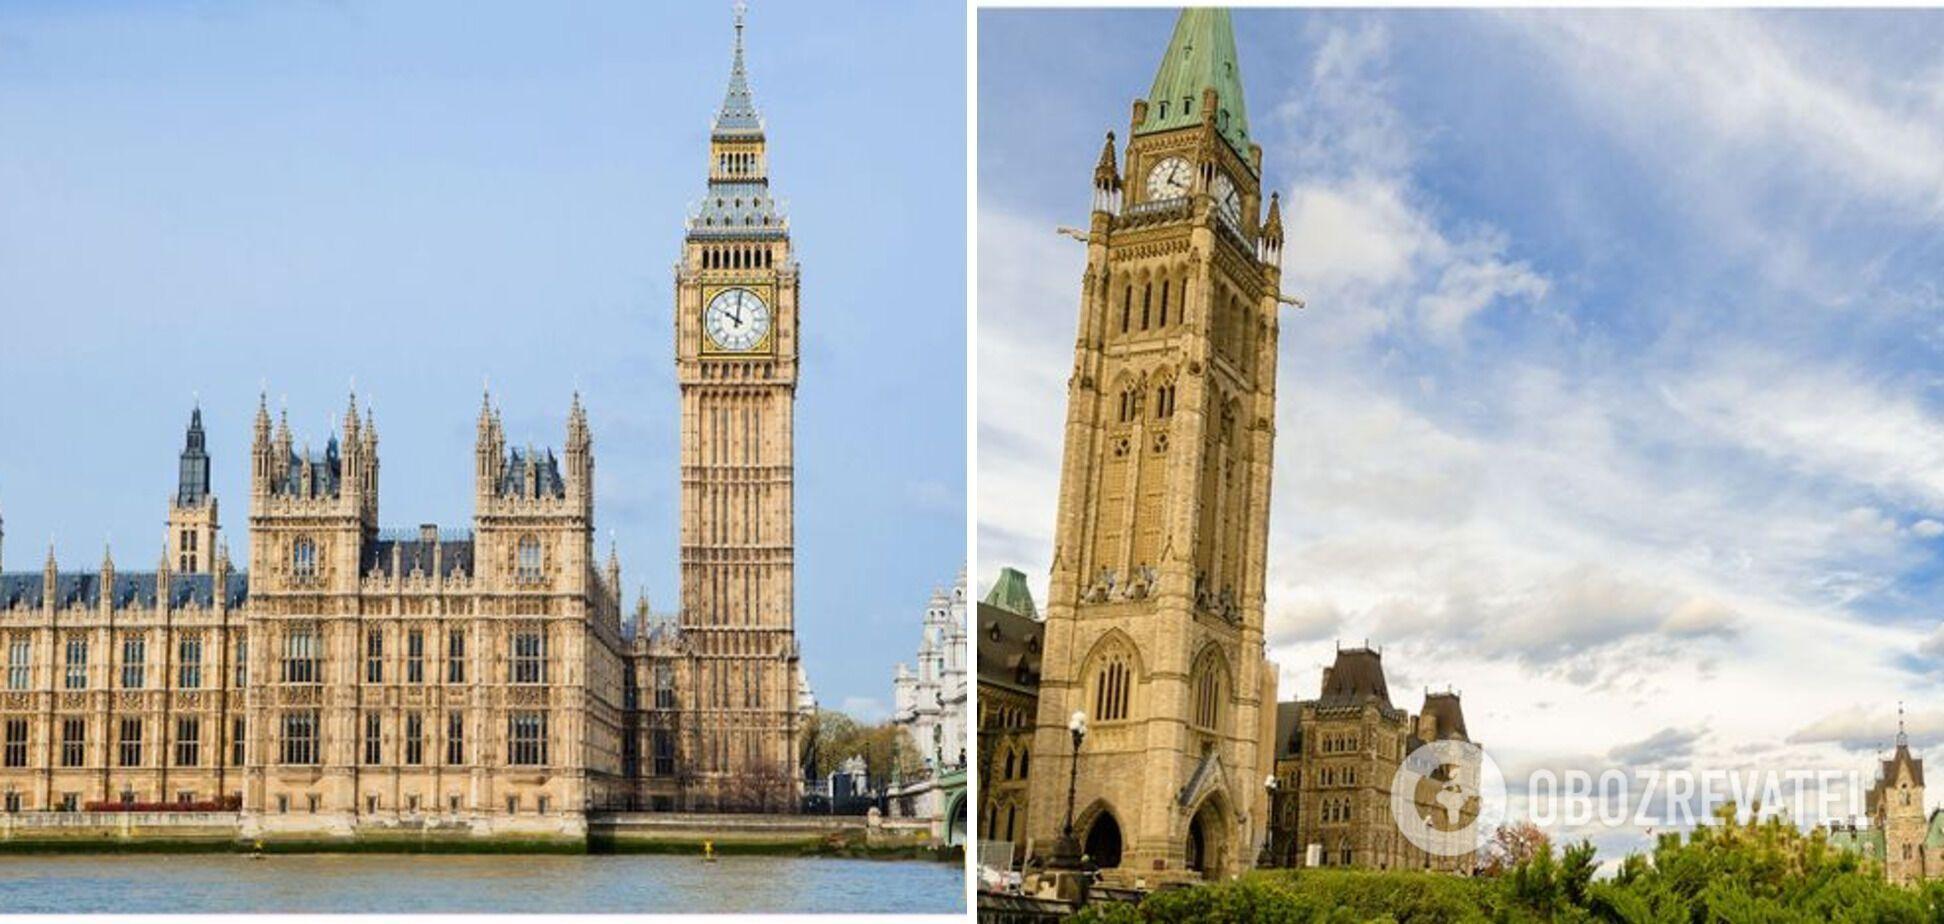 Слева – Биг Бен в Великобритании, справа – Башня Мира в Канаде.